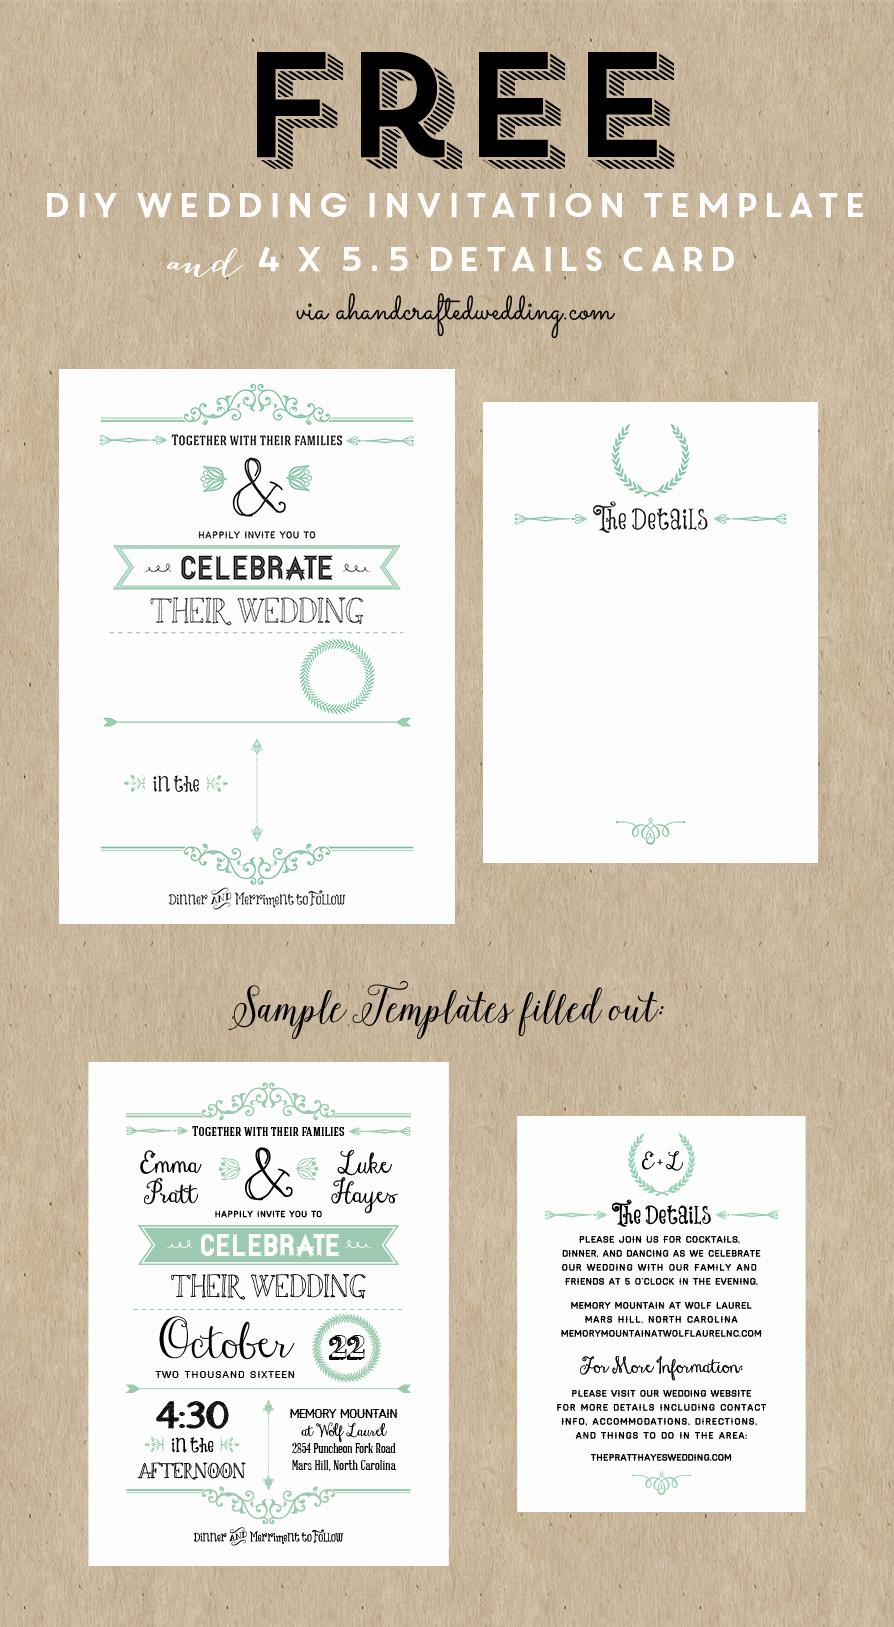 Free Wedding Invitation Printable Templates Luxury Best 25 Free Wedding Invitation Templates Ideas On